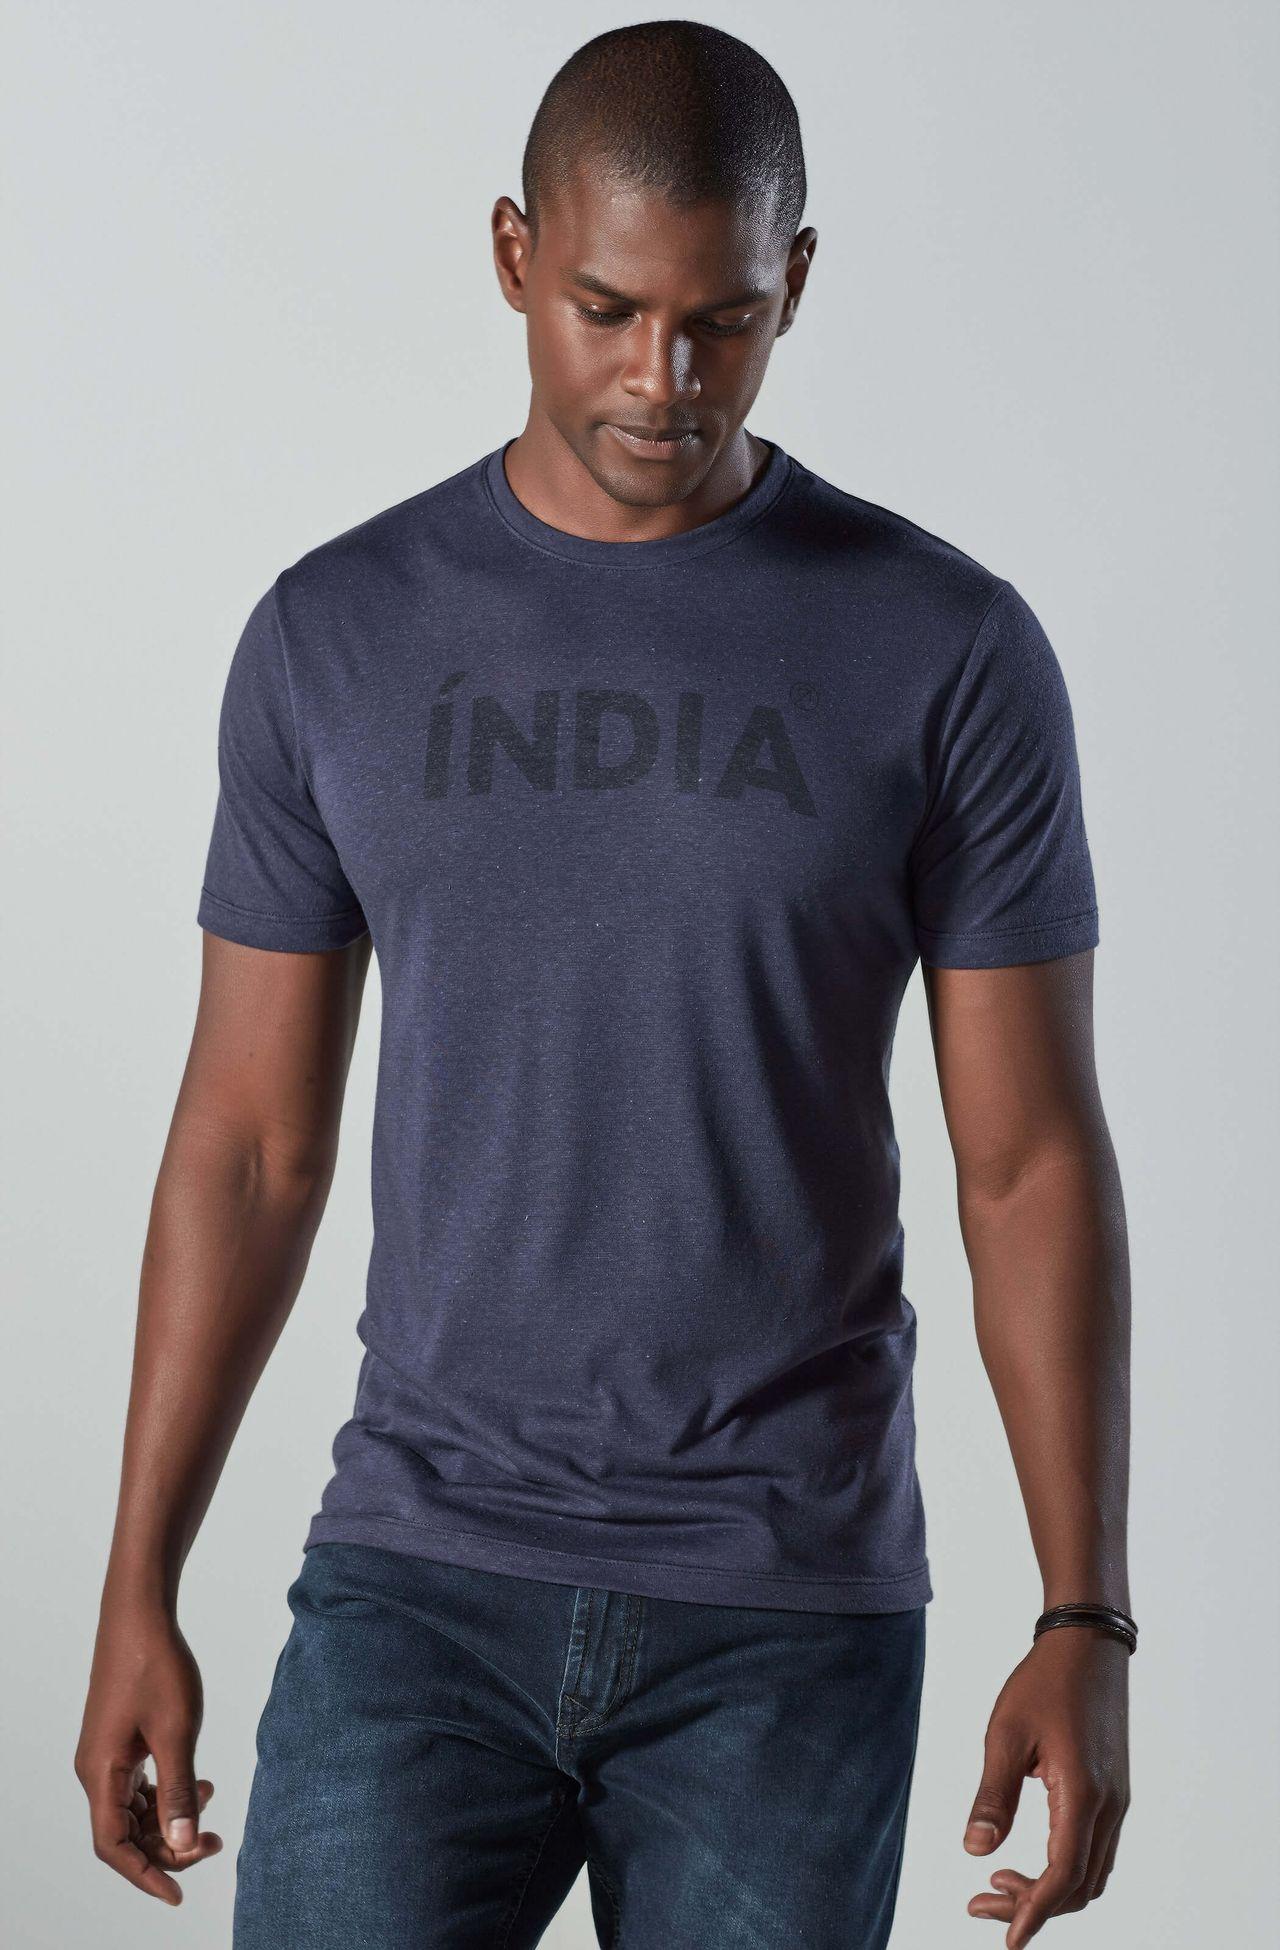 8353CCZ00050_590_1-TSHIRT-MC-INDIA